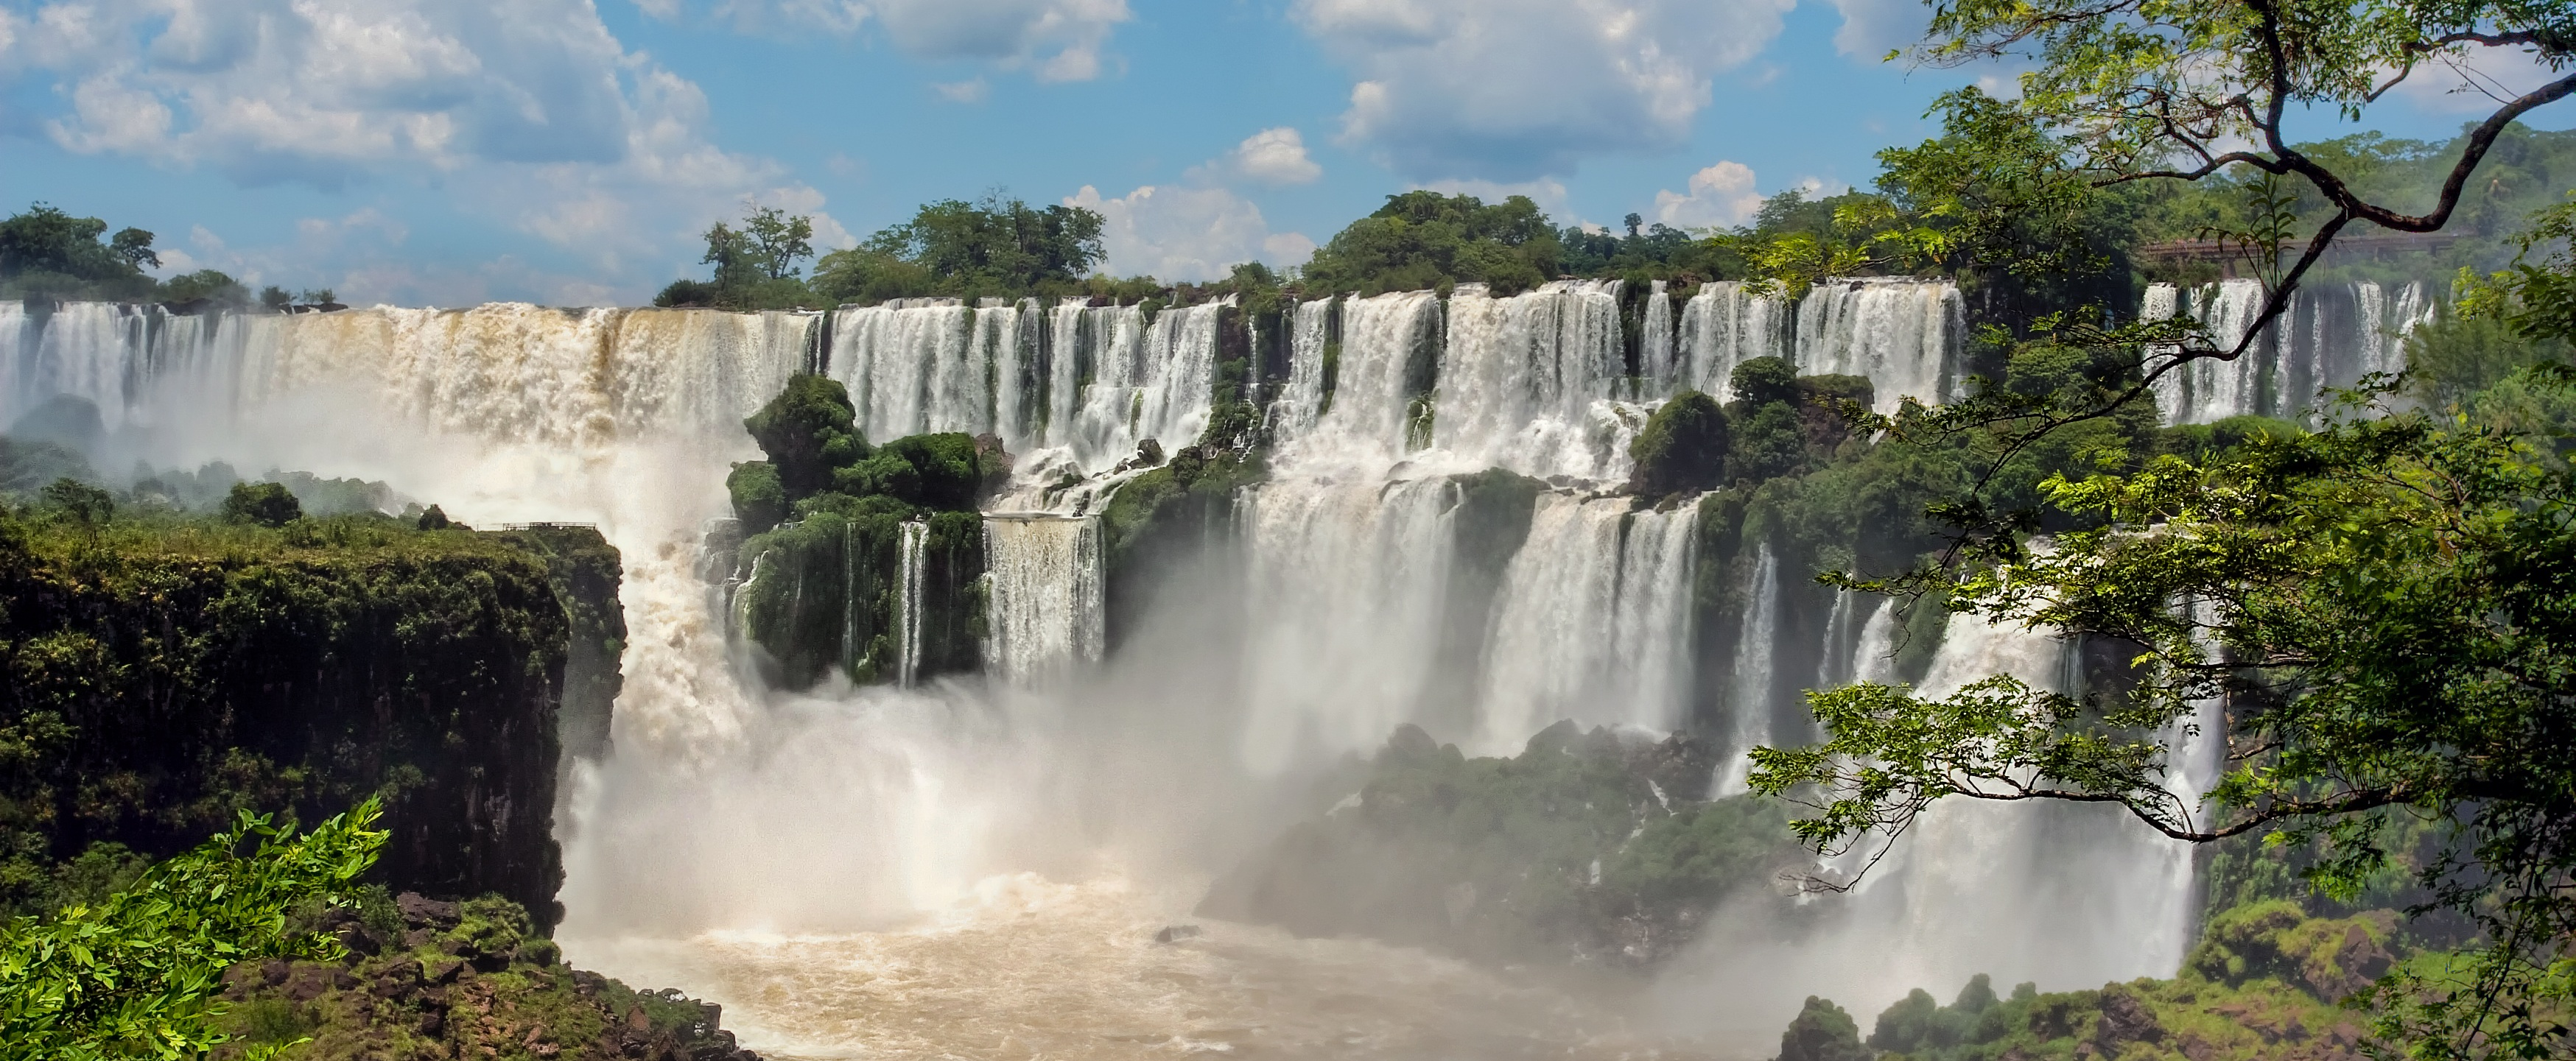 Las cataratas más instagrameables del mundo Iguazú